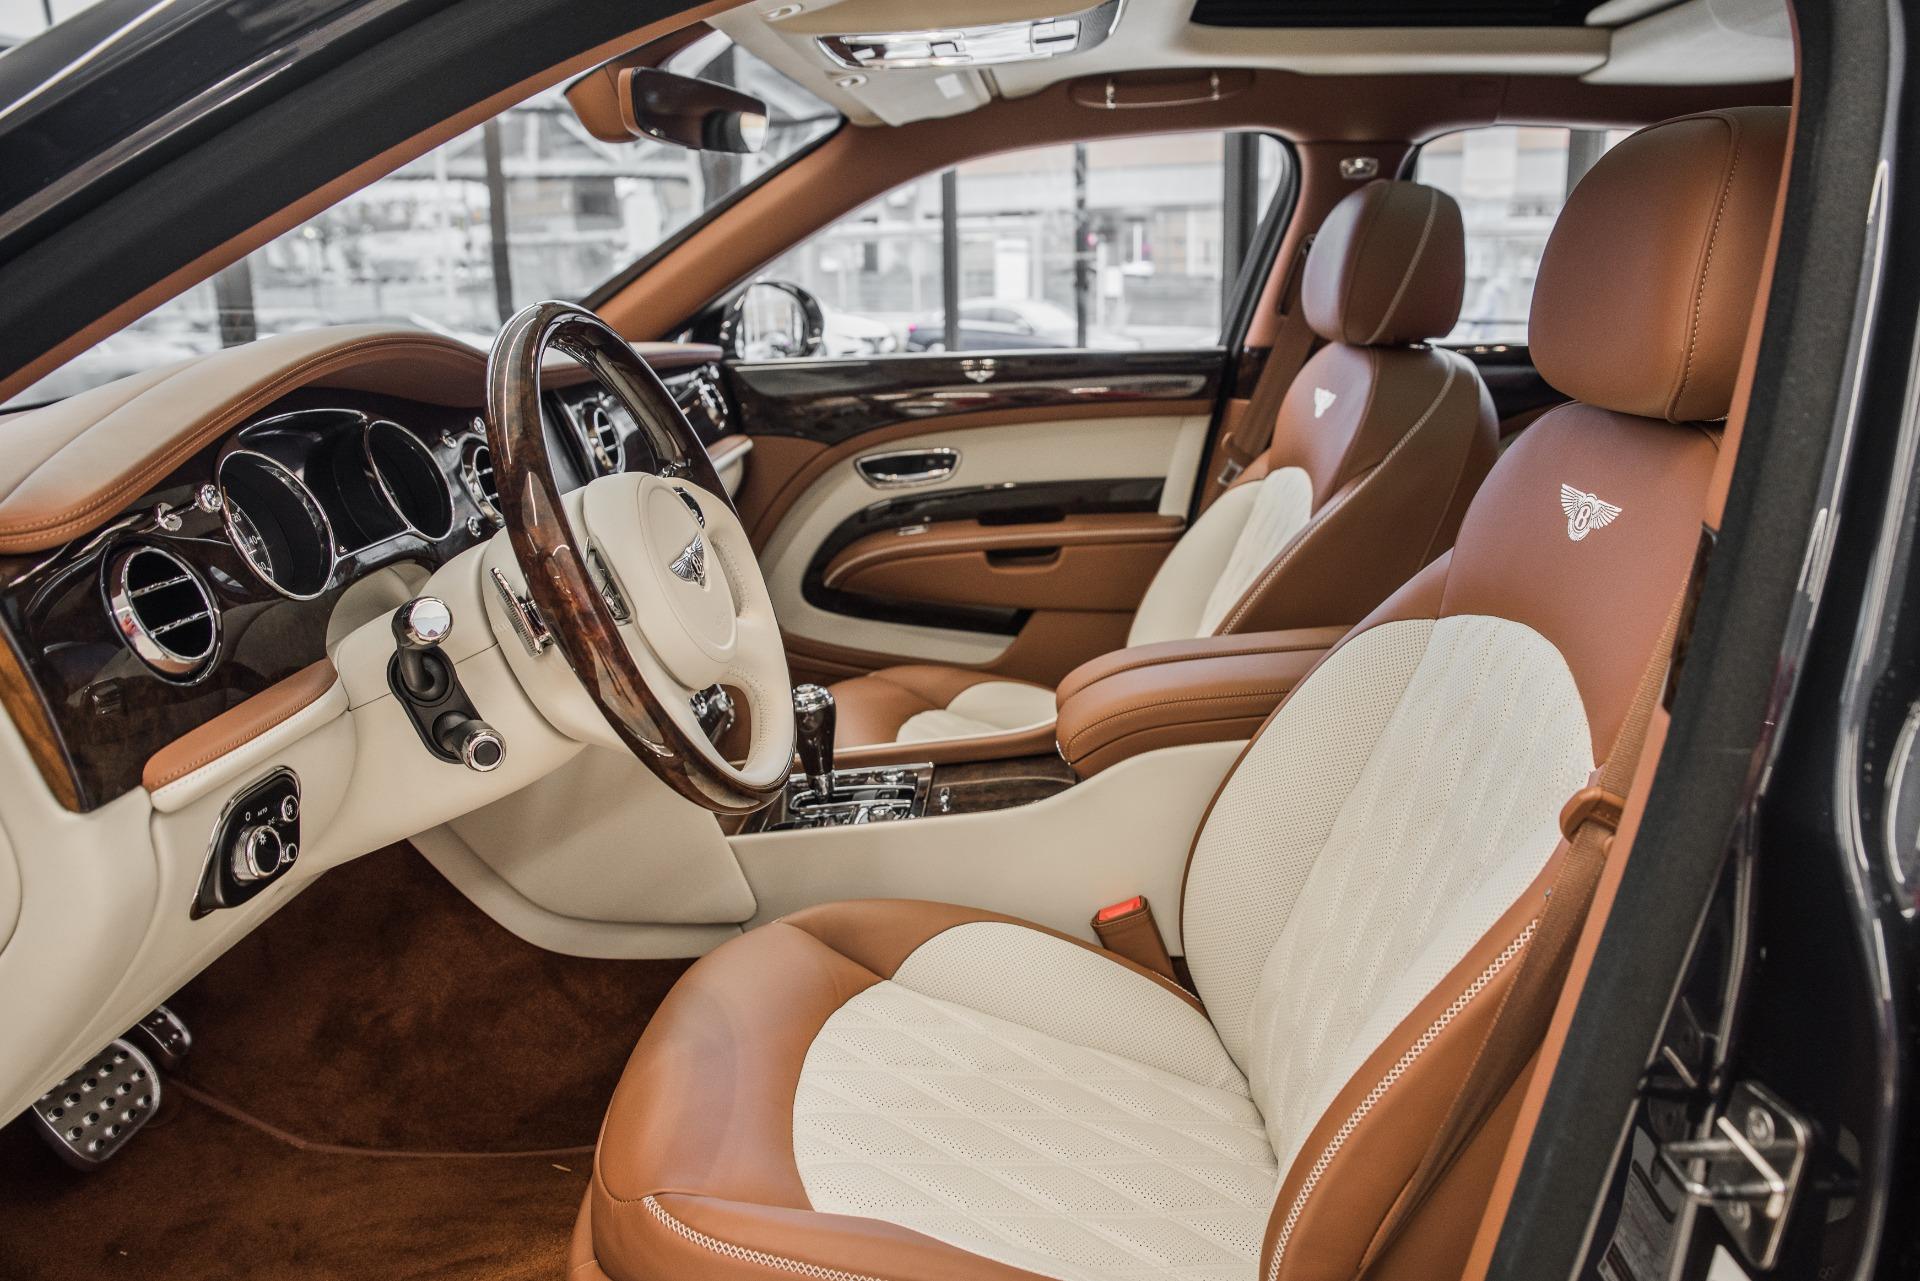 2020 Bentley Mulsanne Stock # 20N004608 for sale near ...